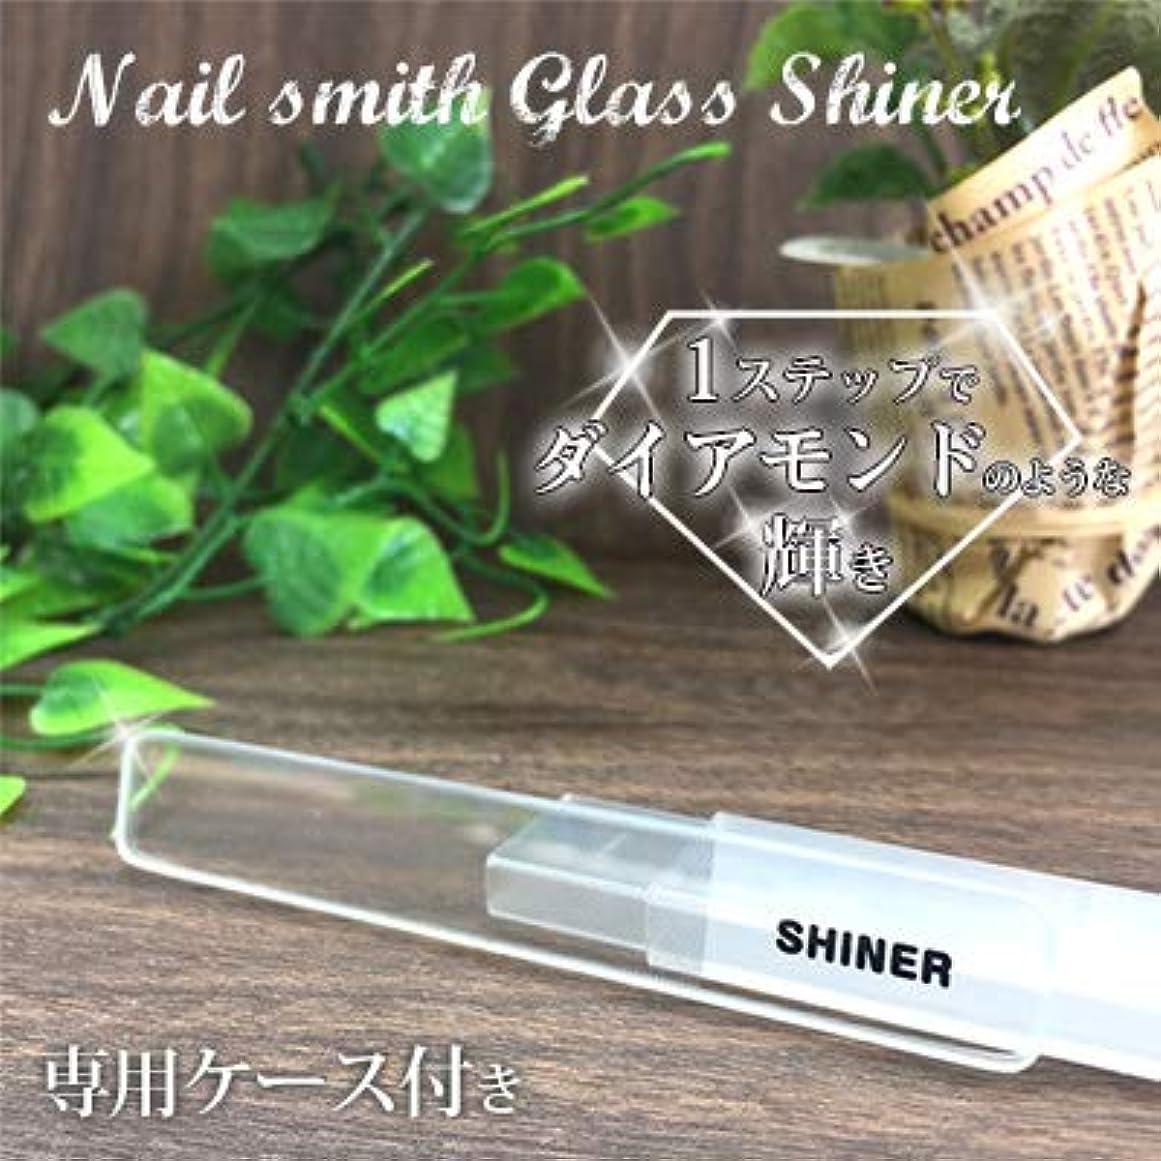 パーティー古くなった量nail smith ネイルスミス ガラスシャイナー